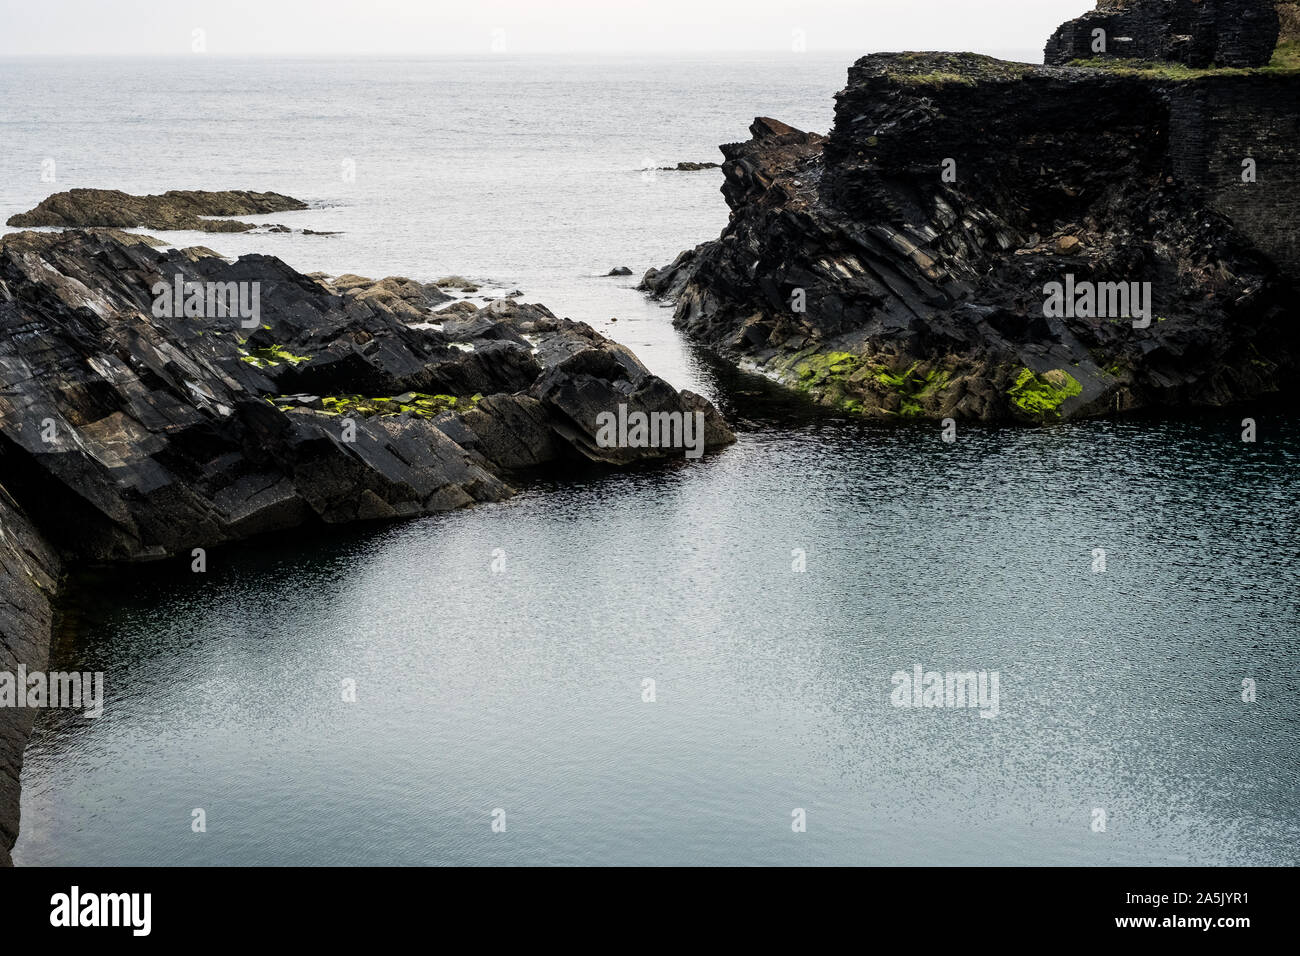 Falaise sur la côte de Pembrokeshire, Pays de Galles, Royaume-Uni. Banque D'Images